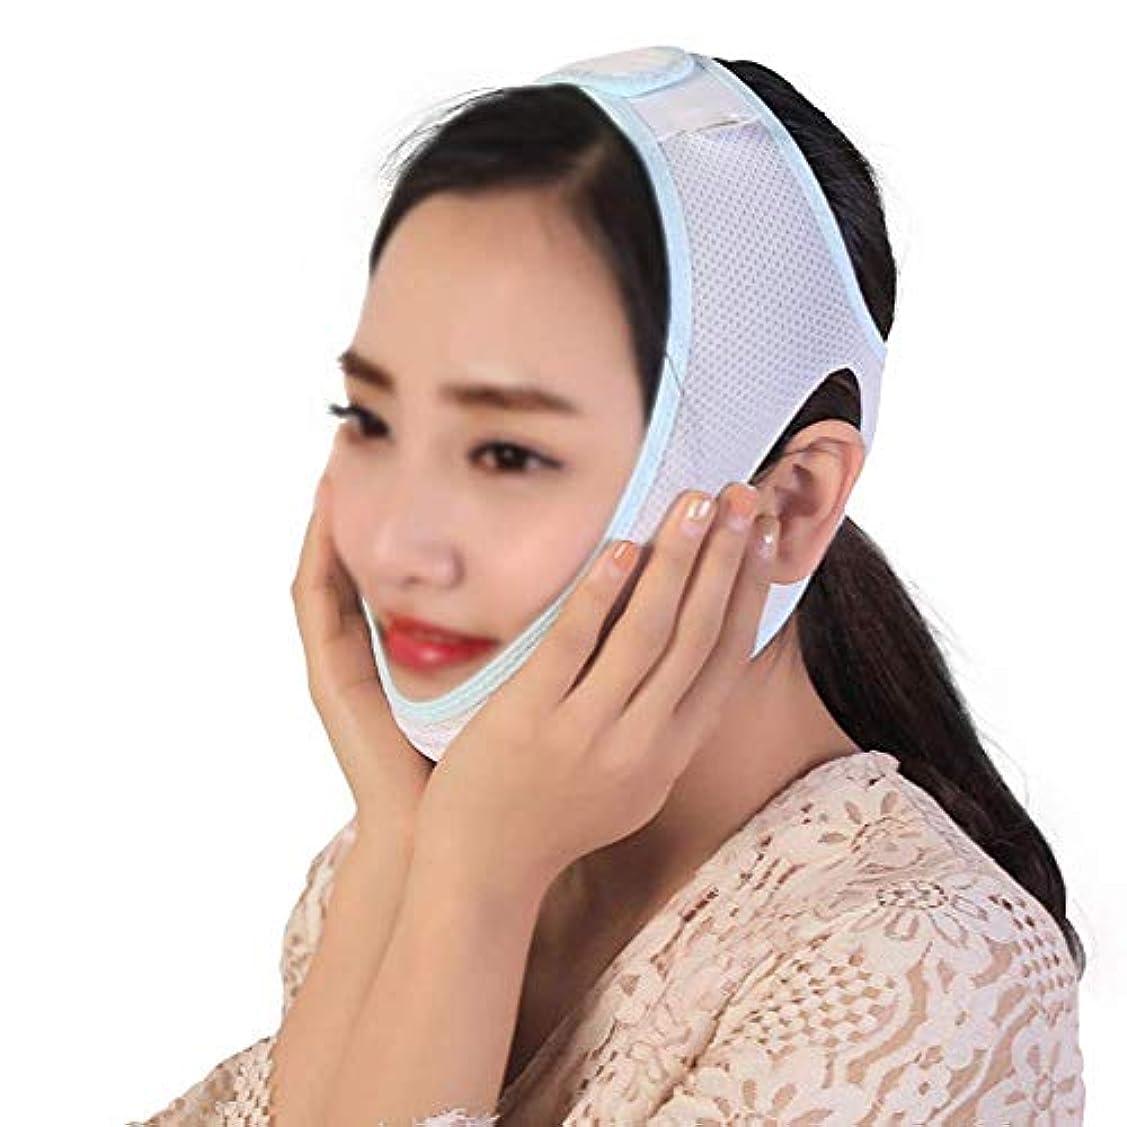 記事懐疑論帽子ファーミングフェイスマスク、スモールVフェイスアーティファクトリフティングフェイスプラスチックフェイスマスクコンフォートアップグレード最適化フェイスカーブの向上包括的な 包帯(サイズ:L),ザ?